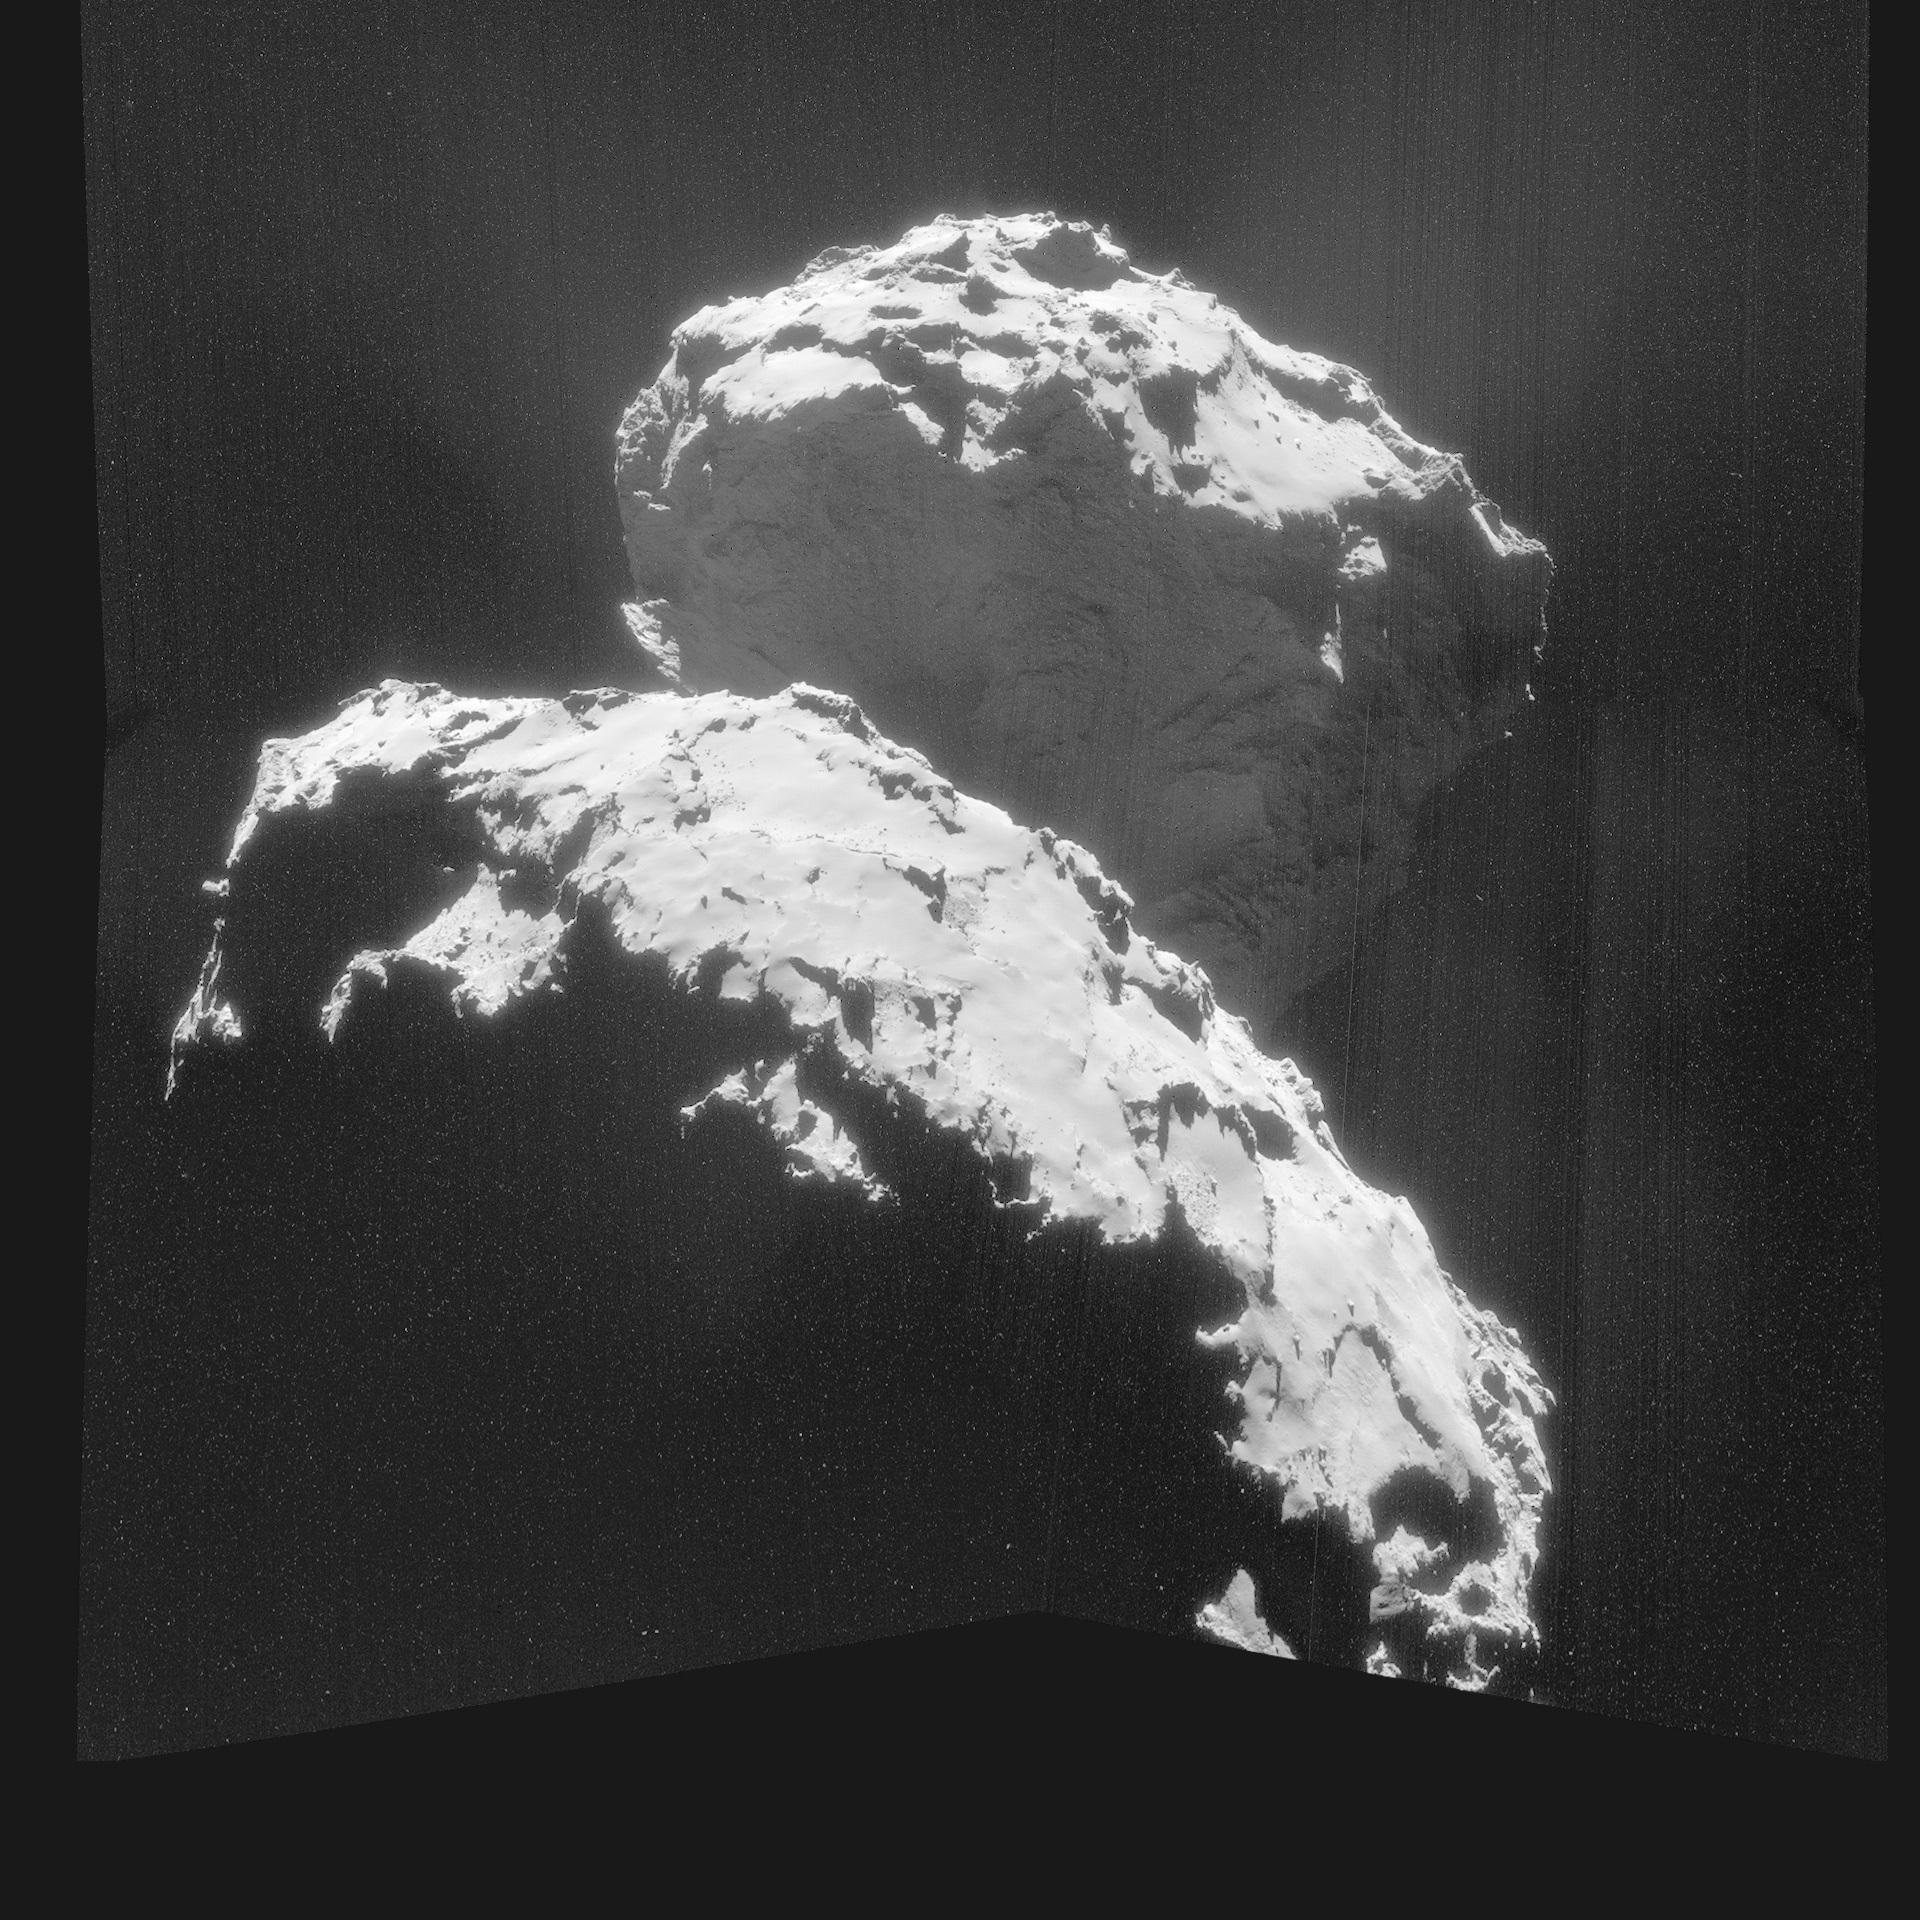 20140911_ESA_Rosetta_NAVCAM_20140910_A_destriped_stitch_stretched.jpg